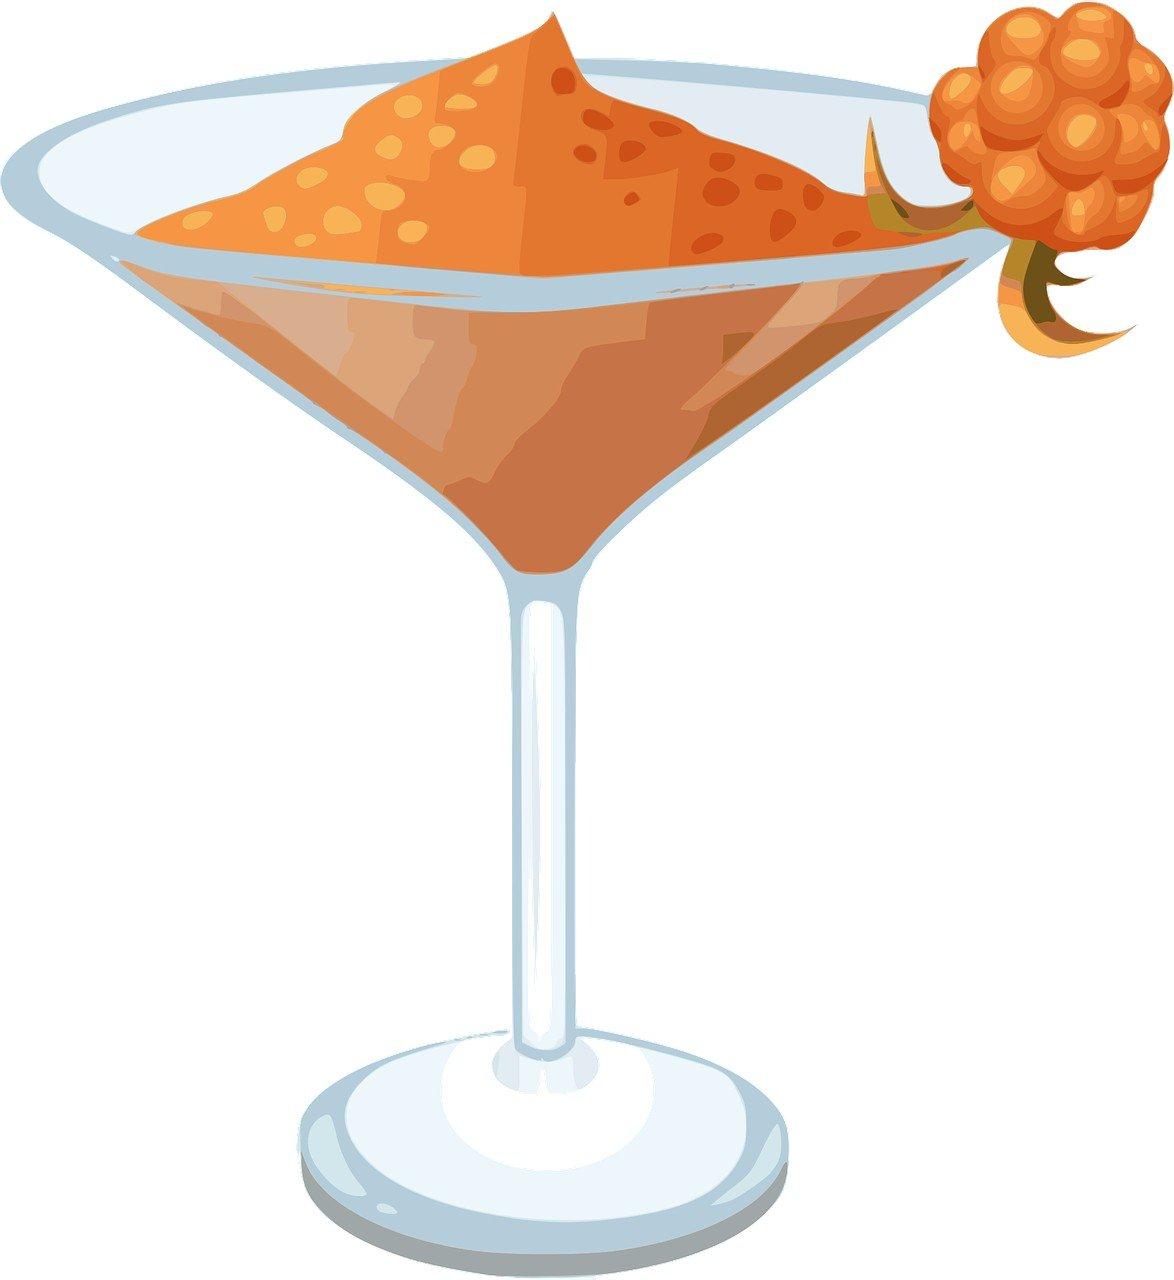 Bild eines Martini-Glases mit Daiquiri